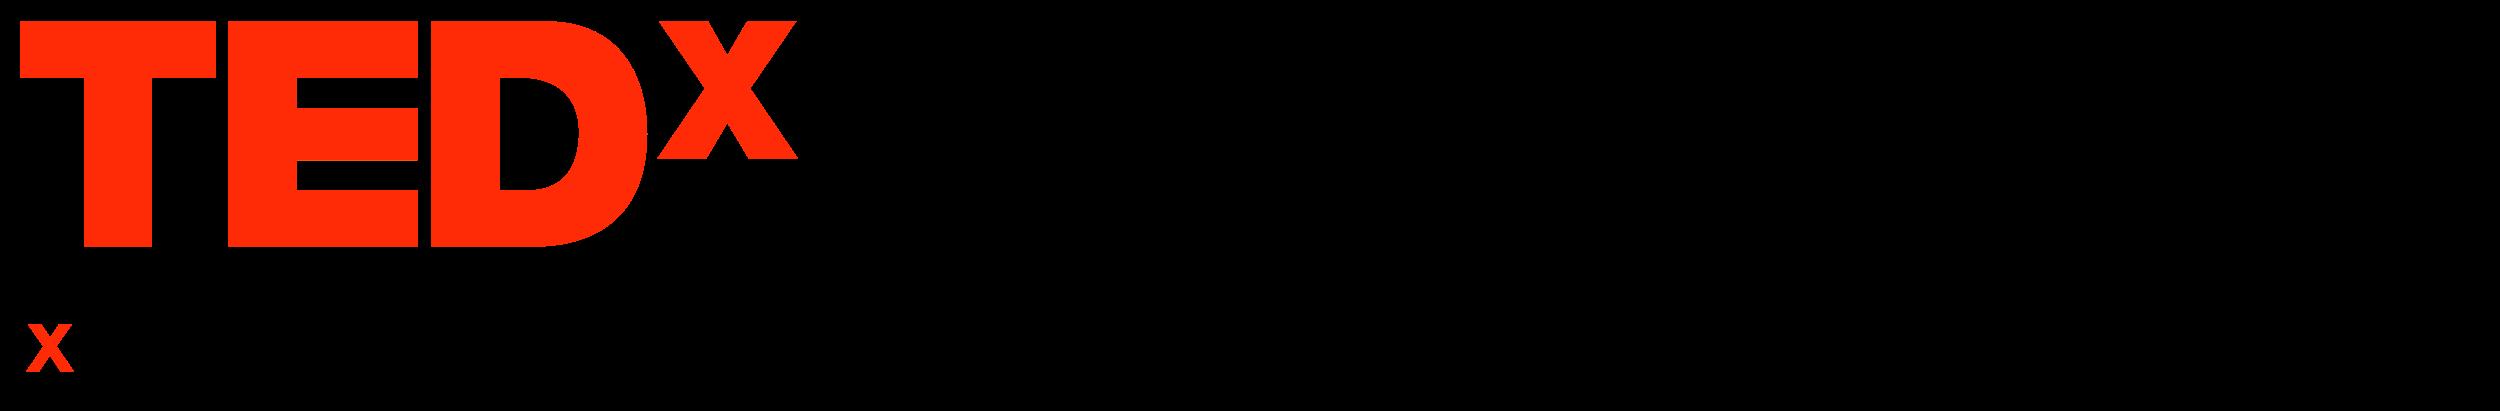 logo_transparent_oneline_2500_411.png